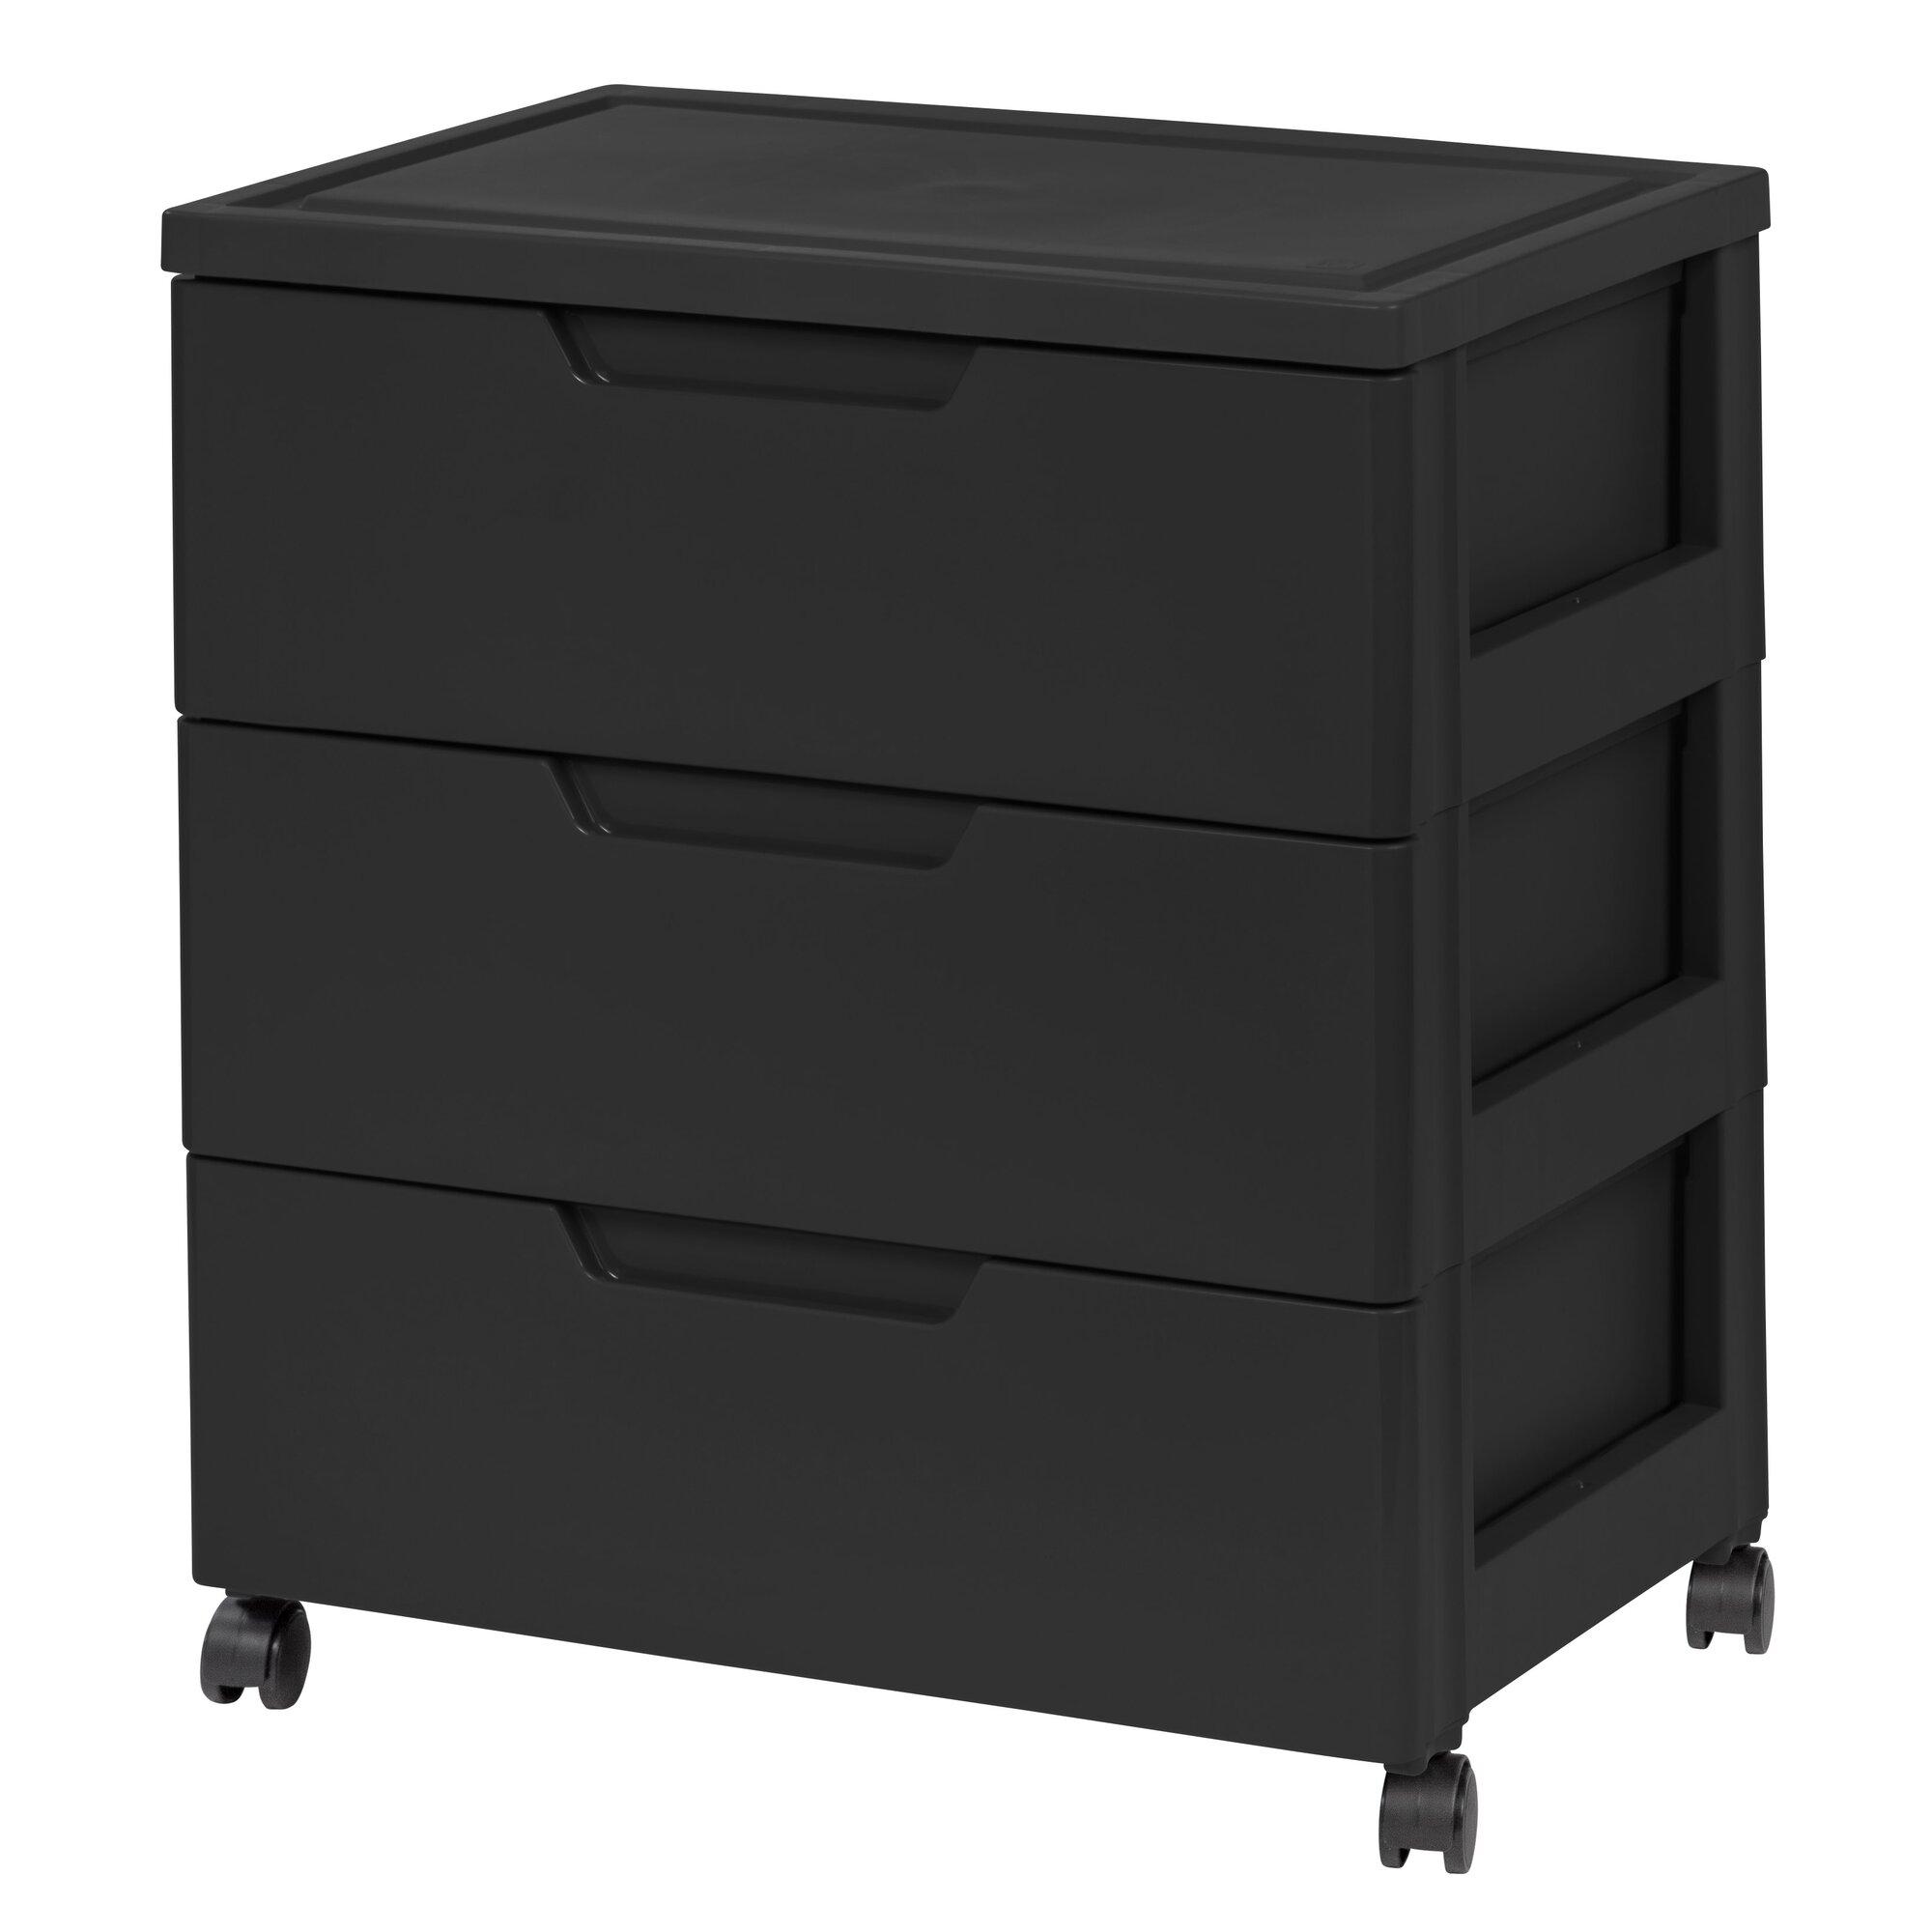 Rubbermaid 4 Drawer Dresser Bestdressers 2017